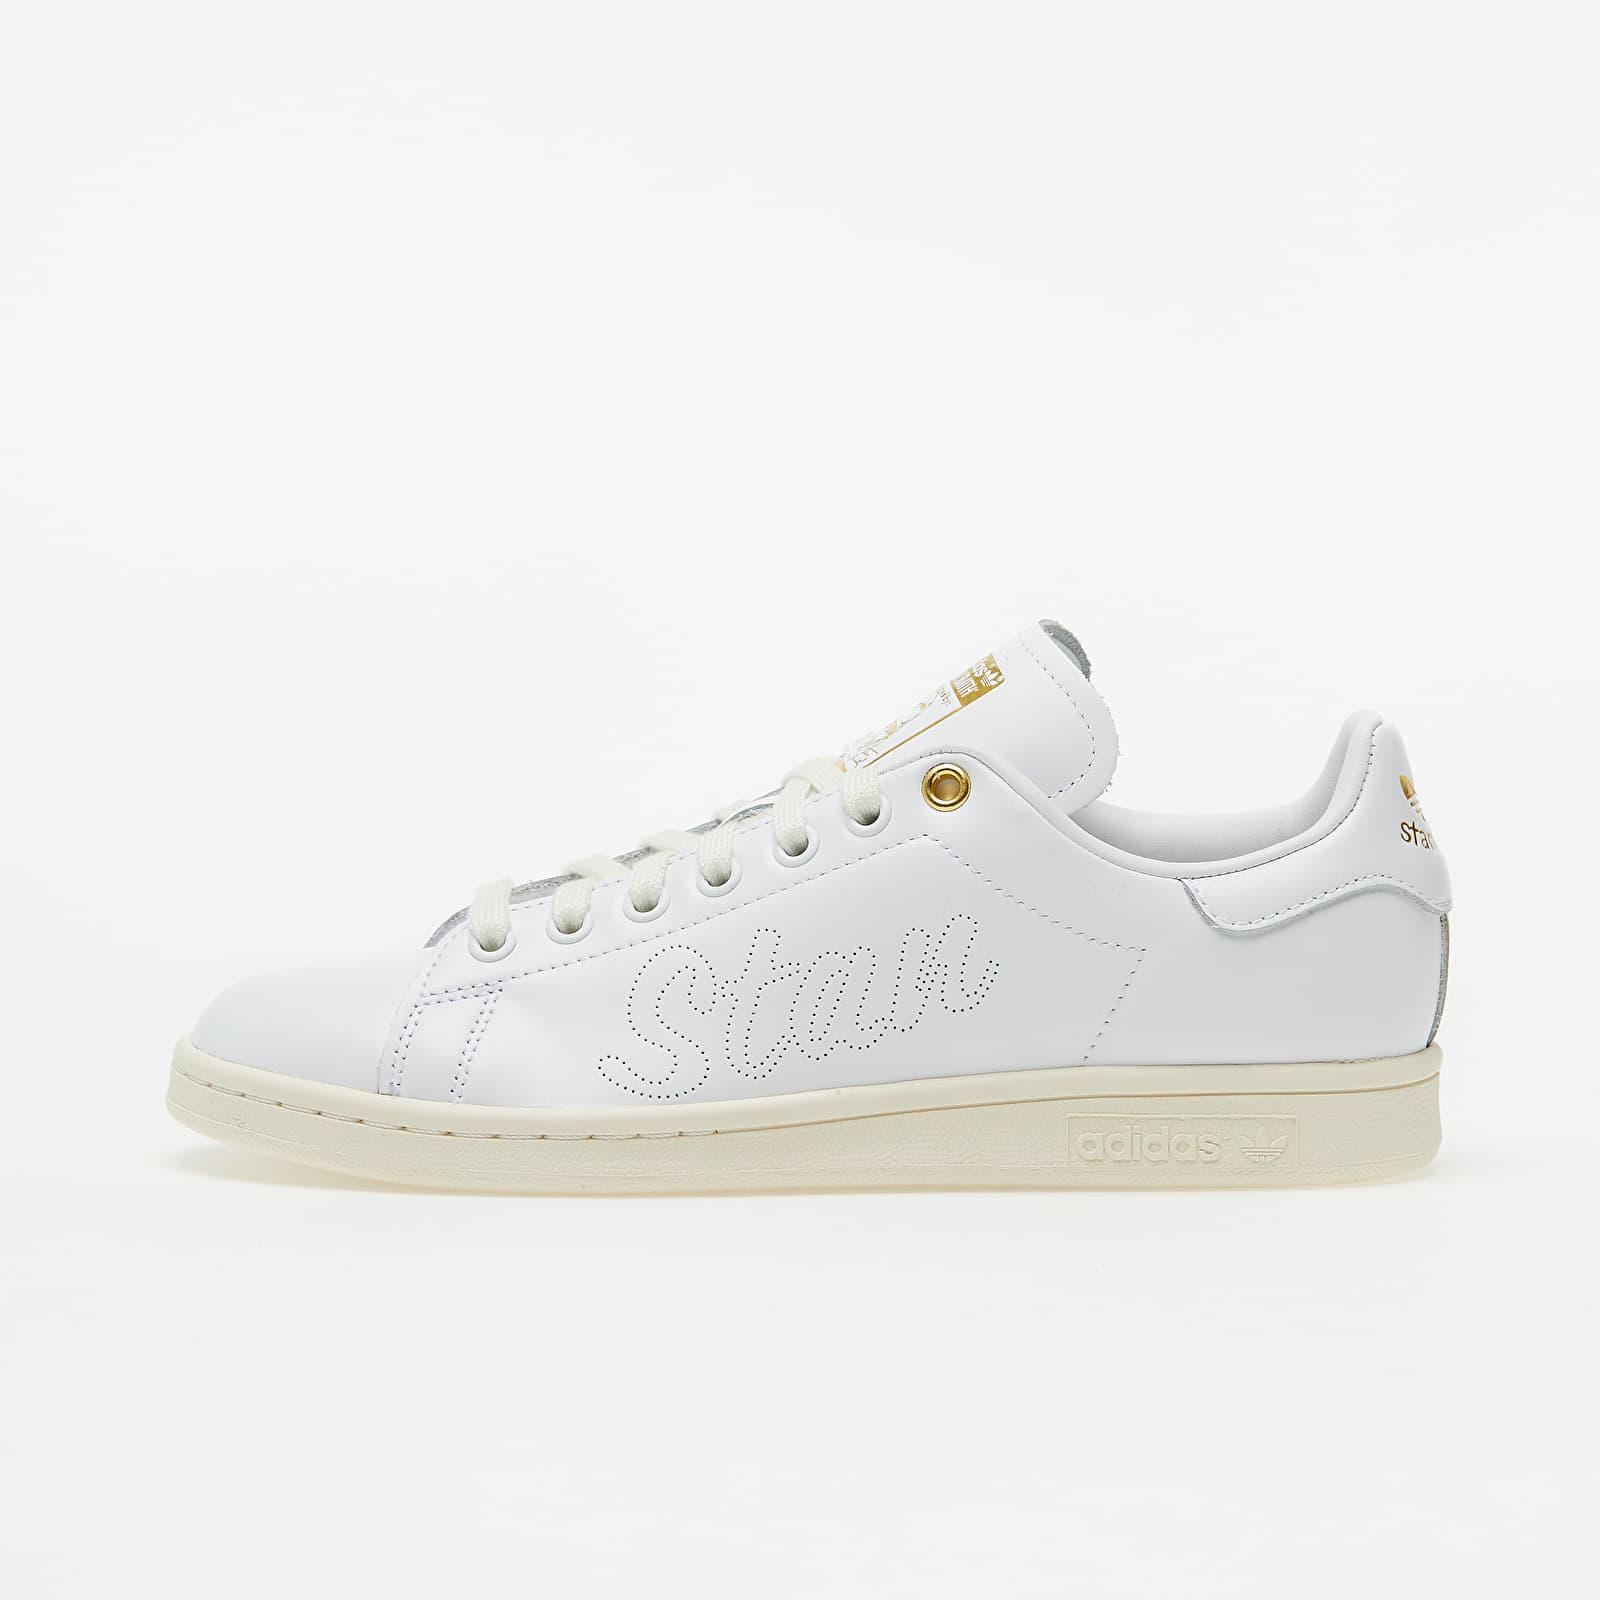 adidas Stan Smith W Off White/ Ftw White/ Gold Metalic FW2591